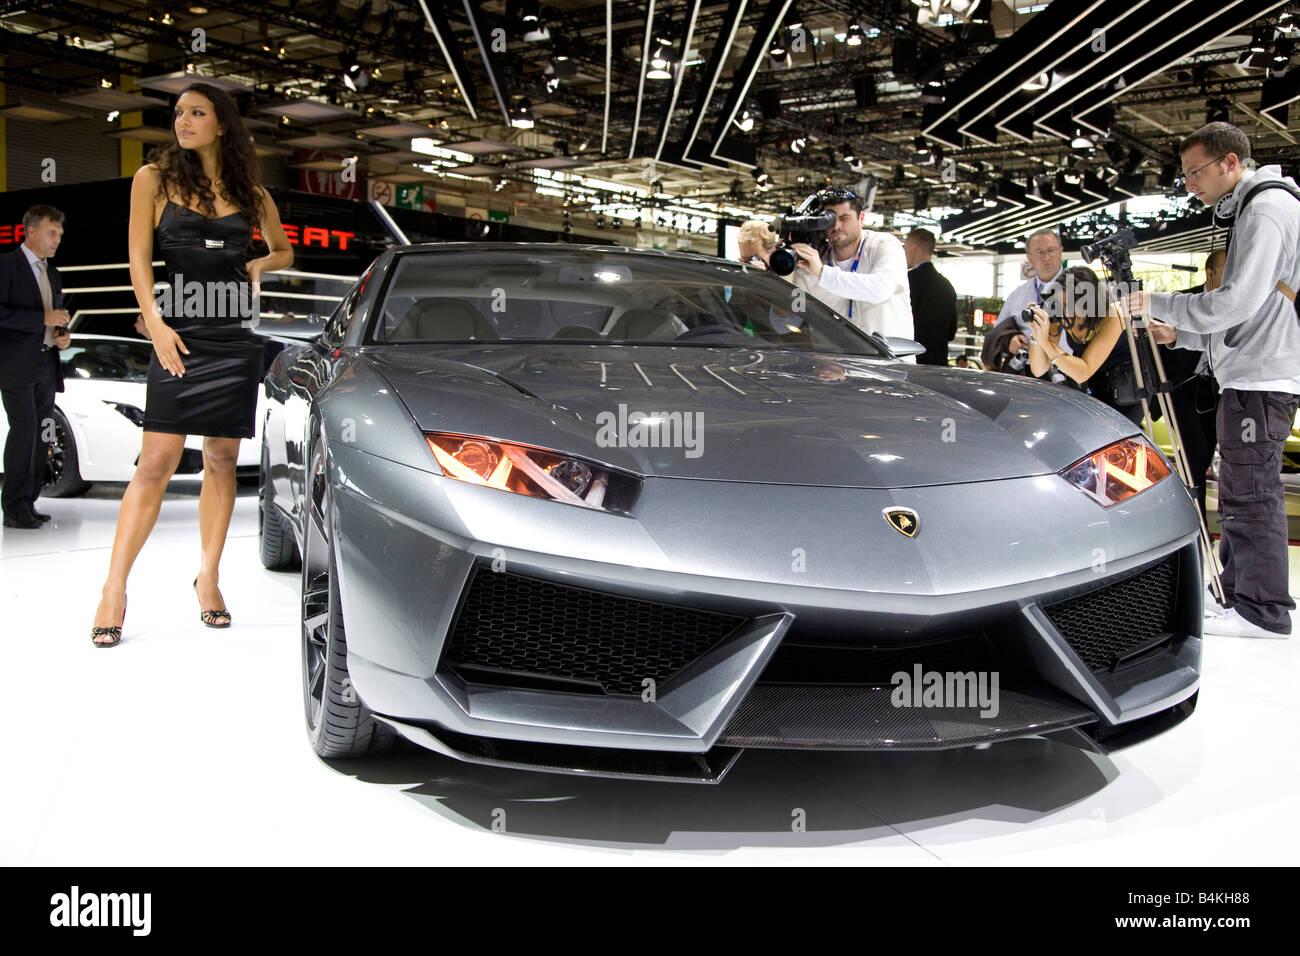 Lamborghini Estoque World Premiere At A Motor Show.   Stock Image